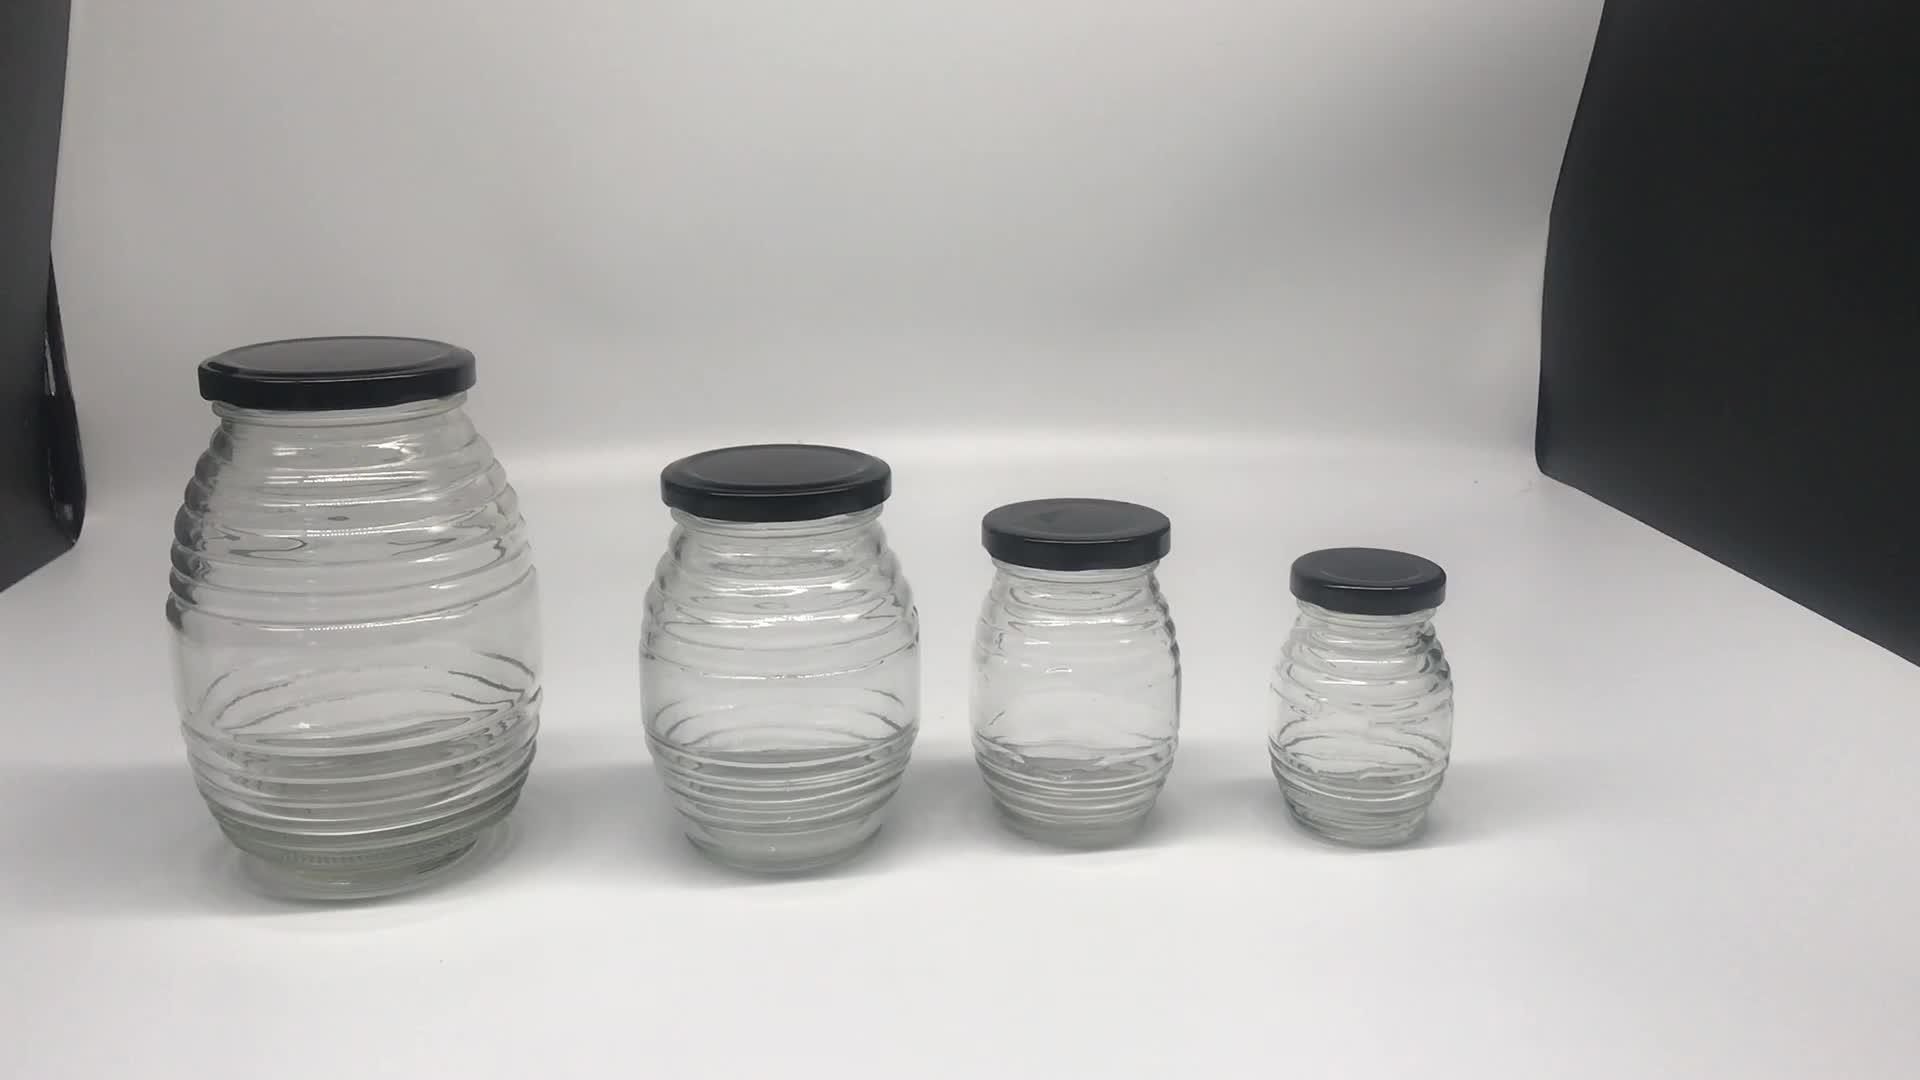 100ml 180ml 380ml 730ml gewinde bee form honig glas mit schraube deckel, phantasie runde gewinde form glas flasche jar